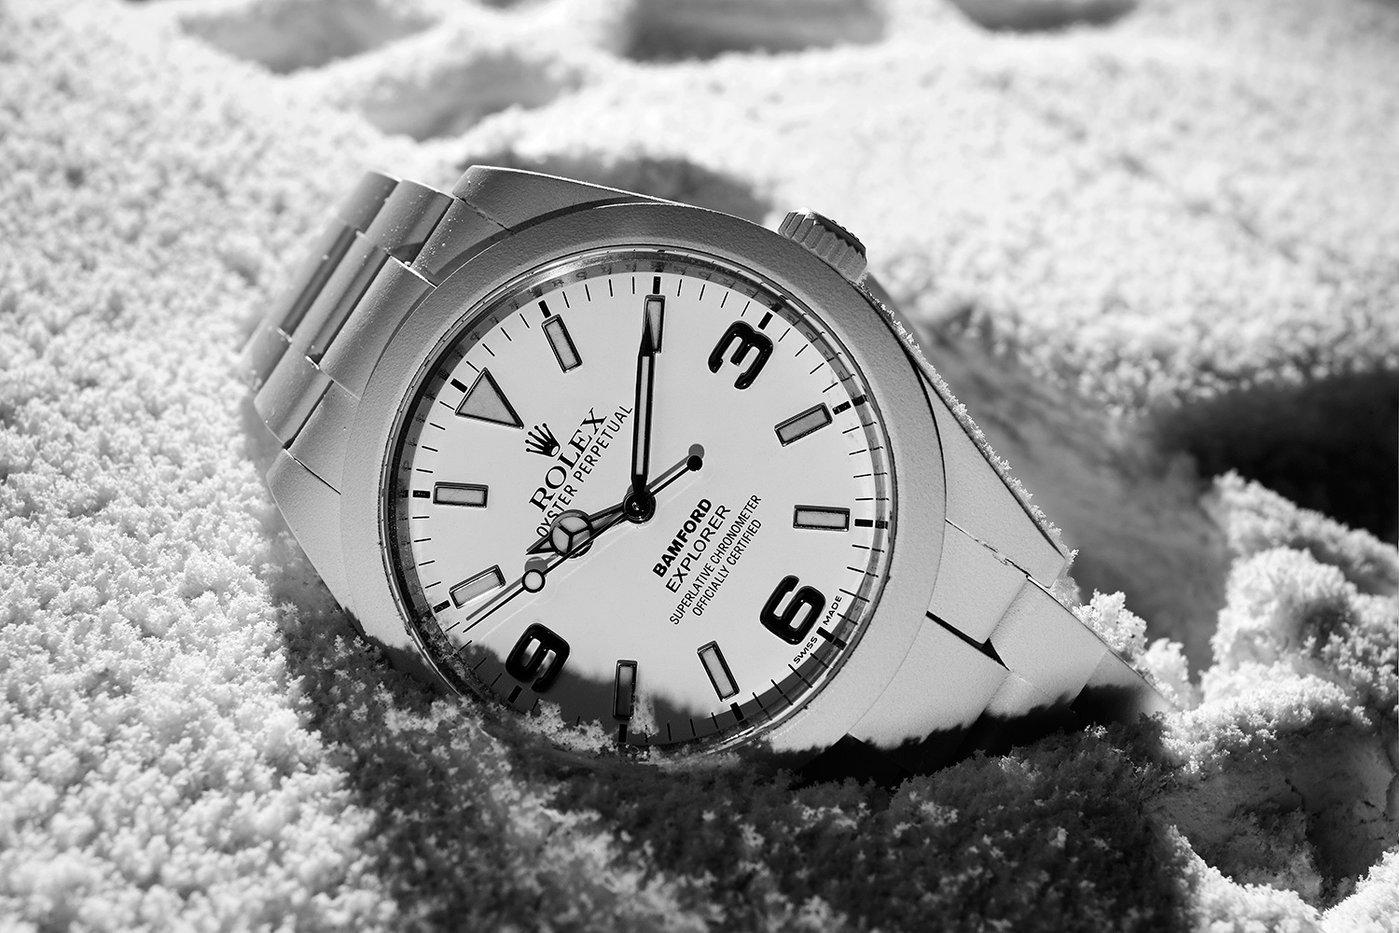 bamford-watch-department-polar-rolex-watches-02.jpg